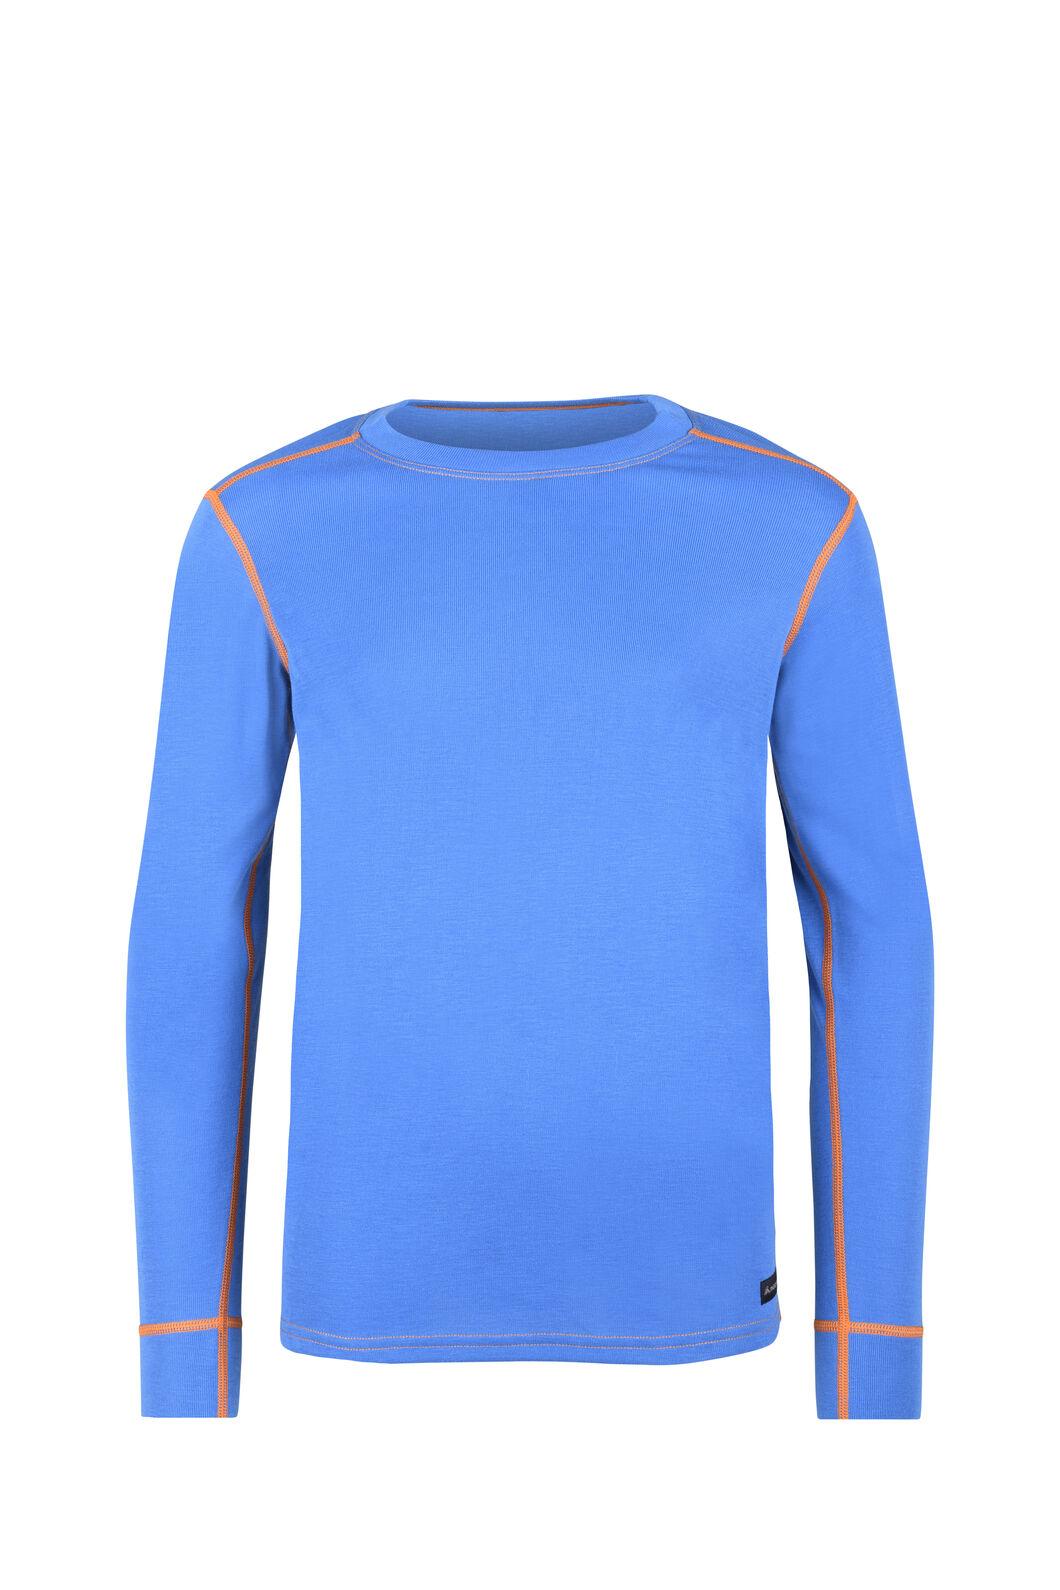 Macpac Geothermal Long Sleeve Top - Kids', Skydiver/Persimmon, hi-res